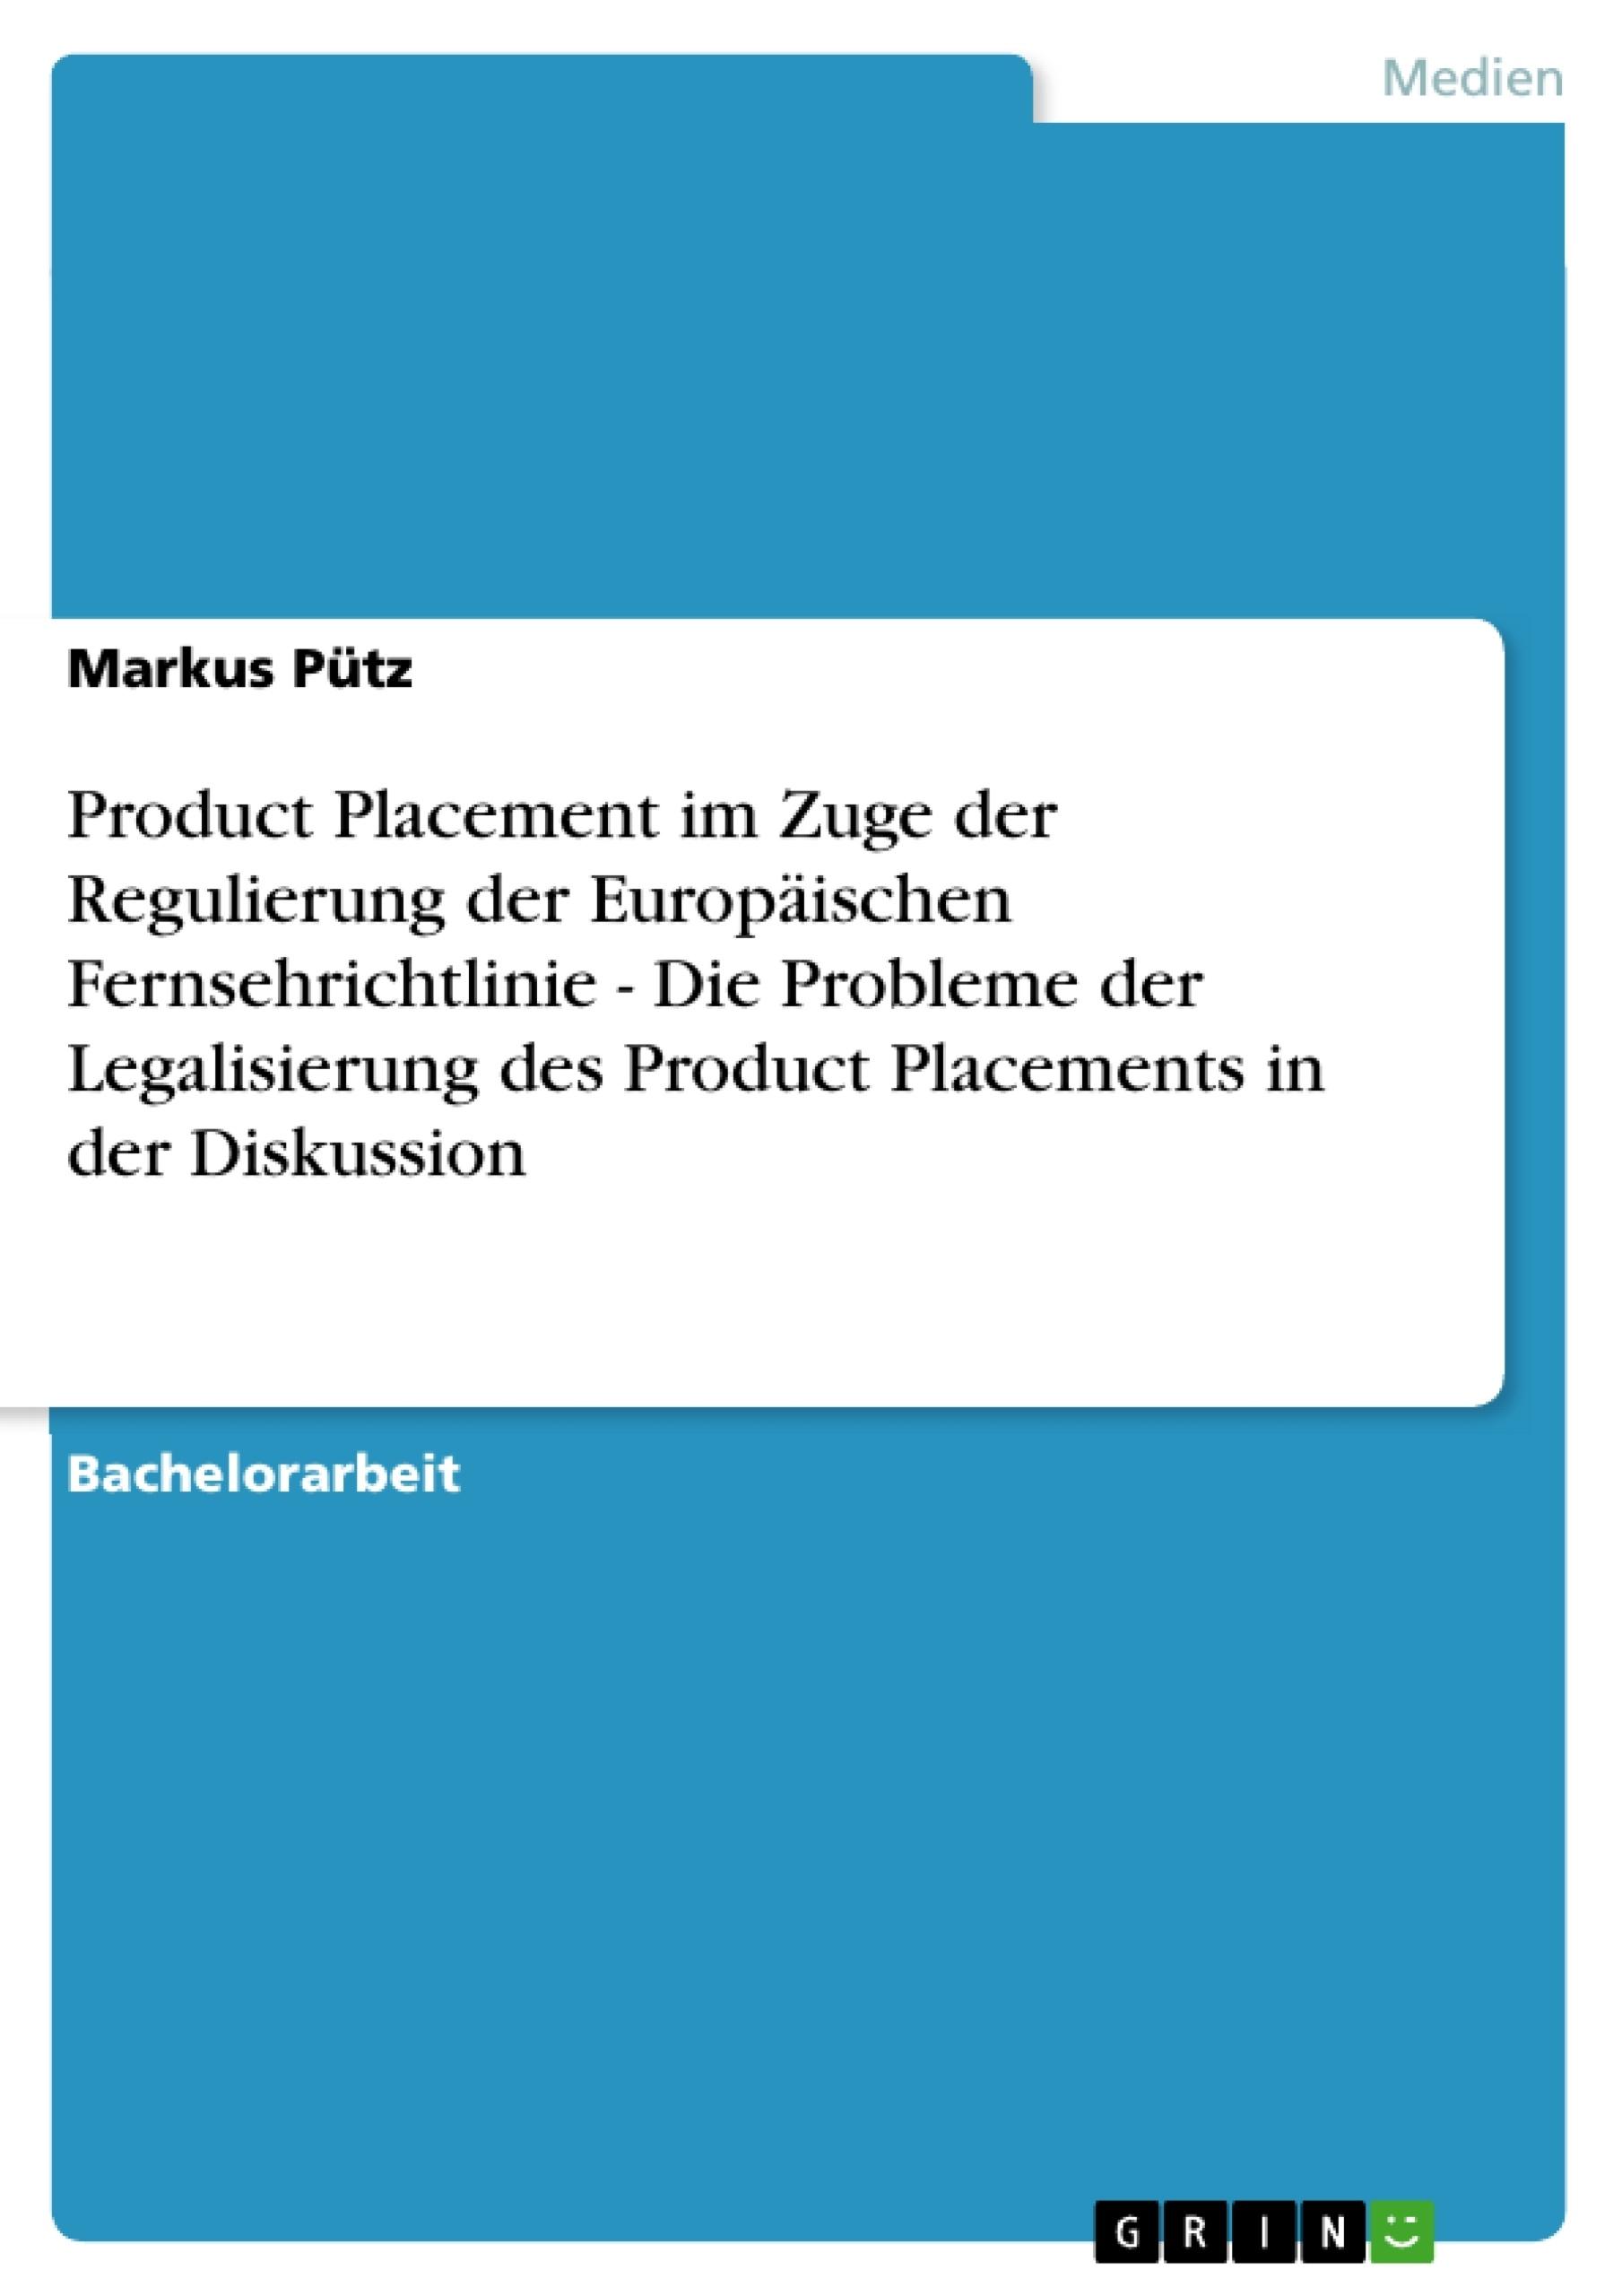 Titel: Product Placement im Zuge der Regulierung der Europäischen Fernsehrichtlinie - Die Probleme der Legalisierung des Product Placements in der Diskussion